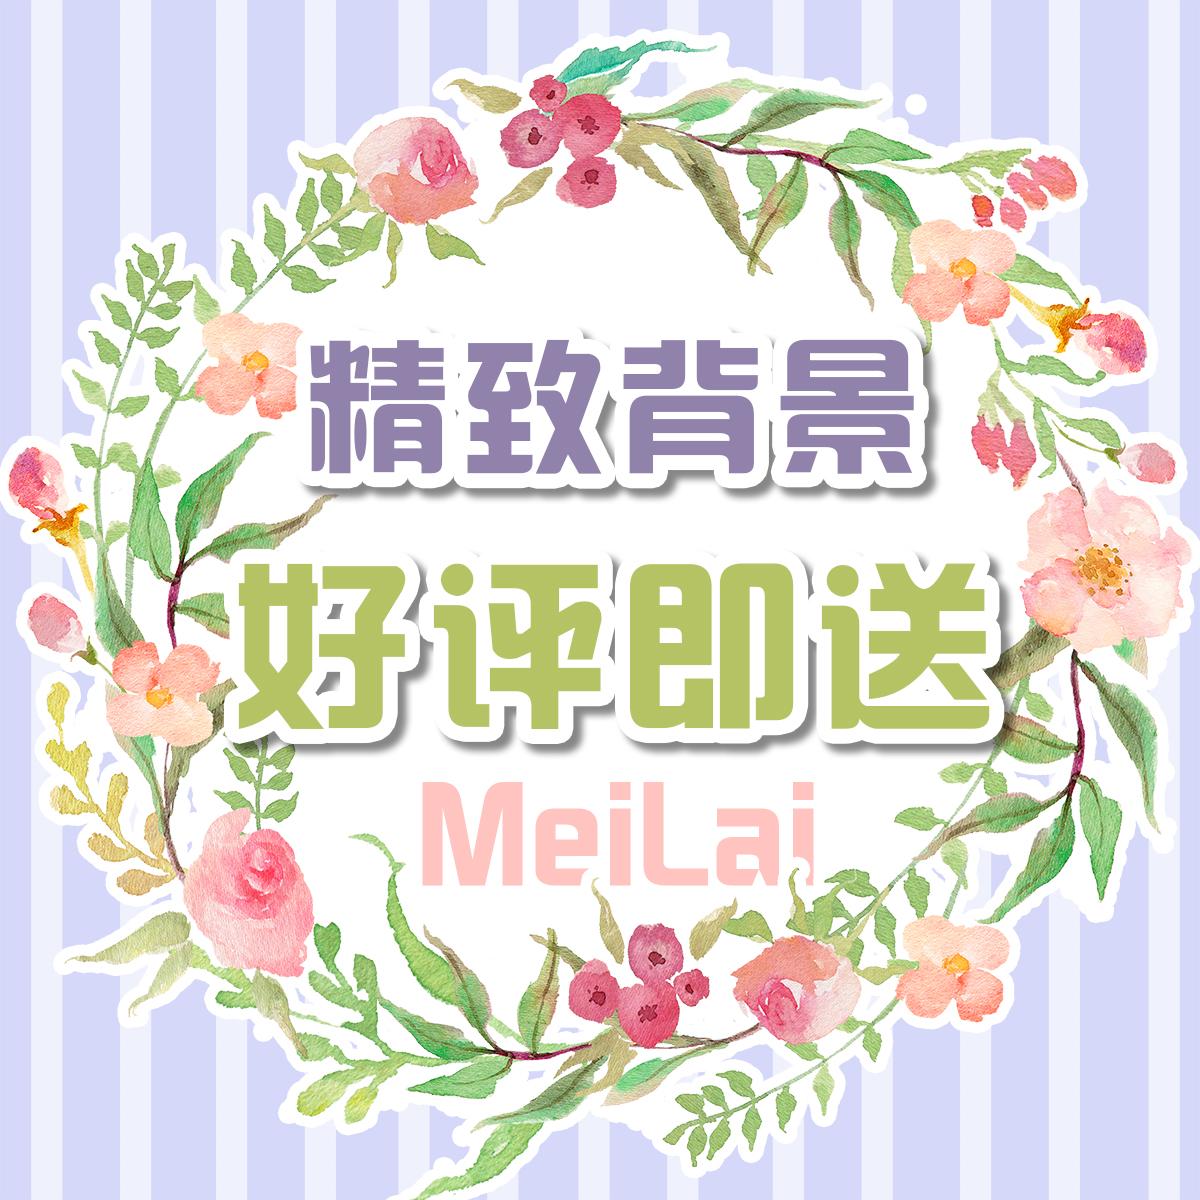 Фоновый выбор фона листинга гирлянды Q версия Аватар ручной росписью WeChat micro LOGO фоном границы комикса дизайн